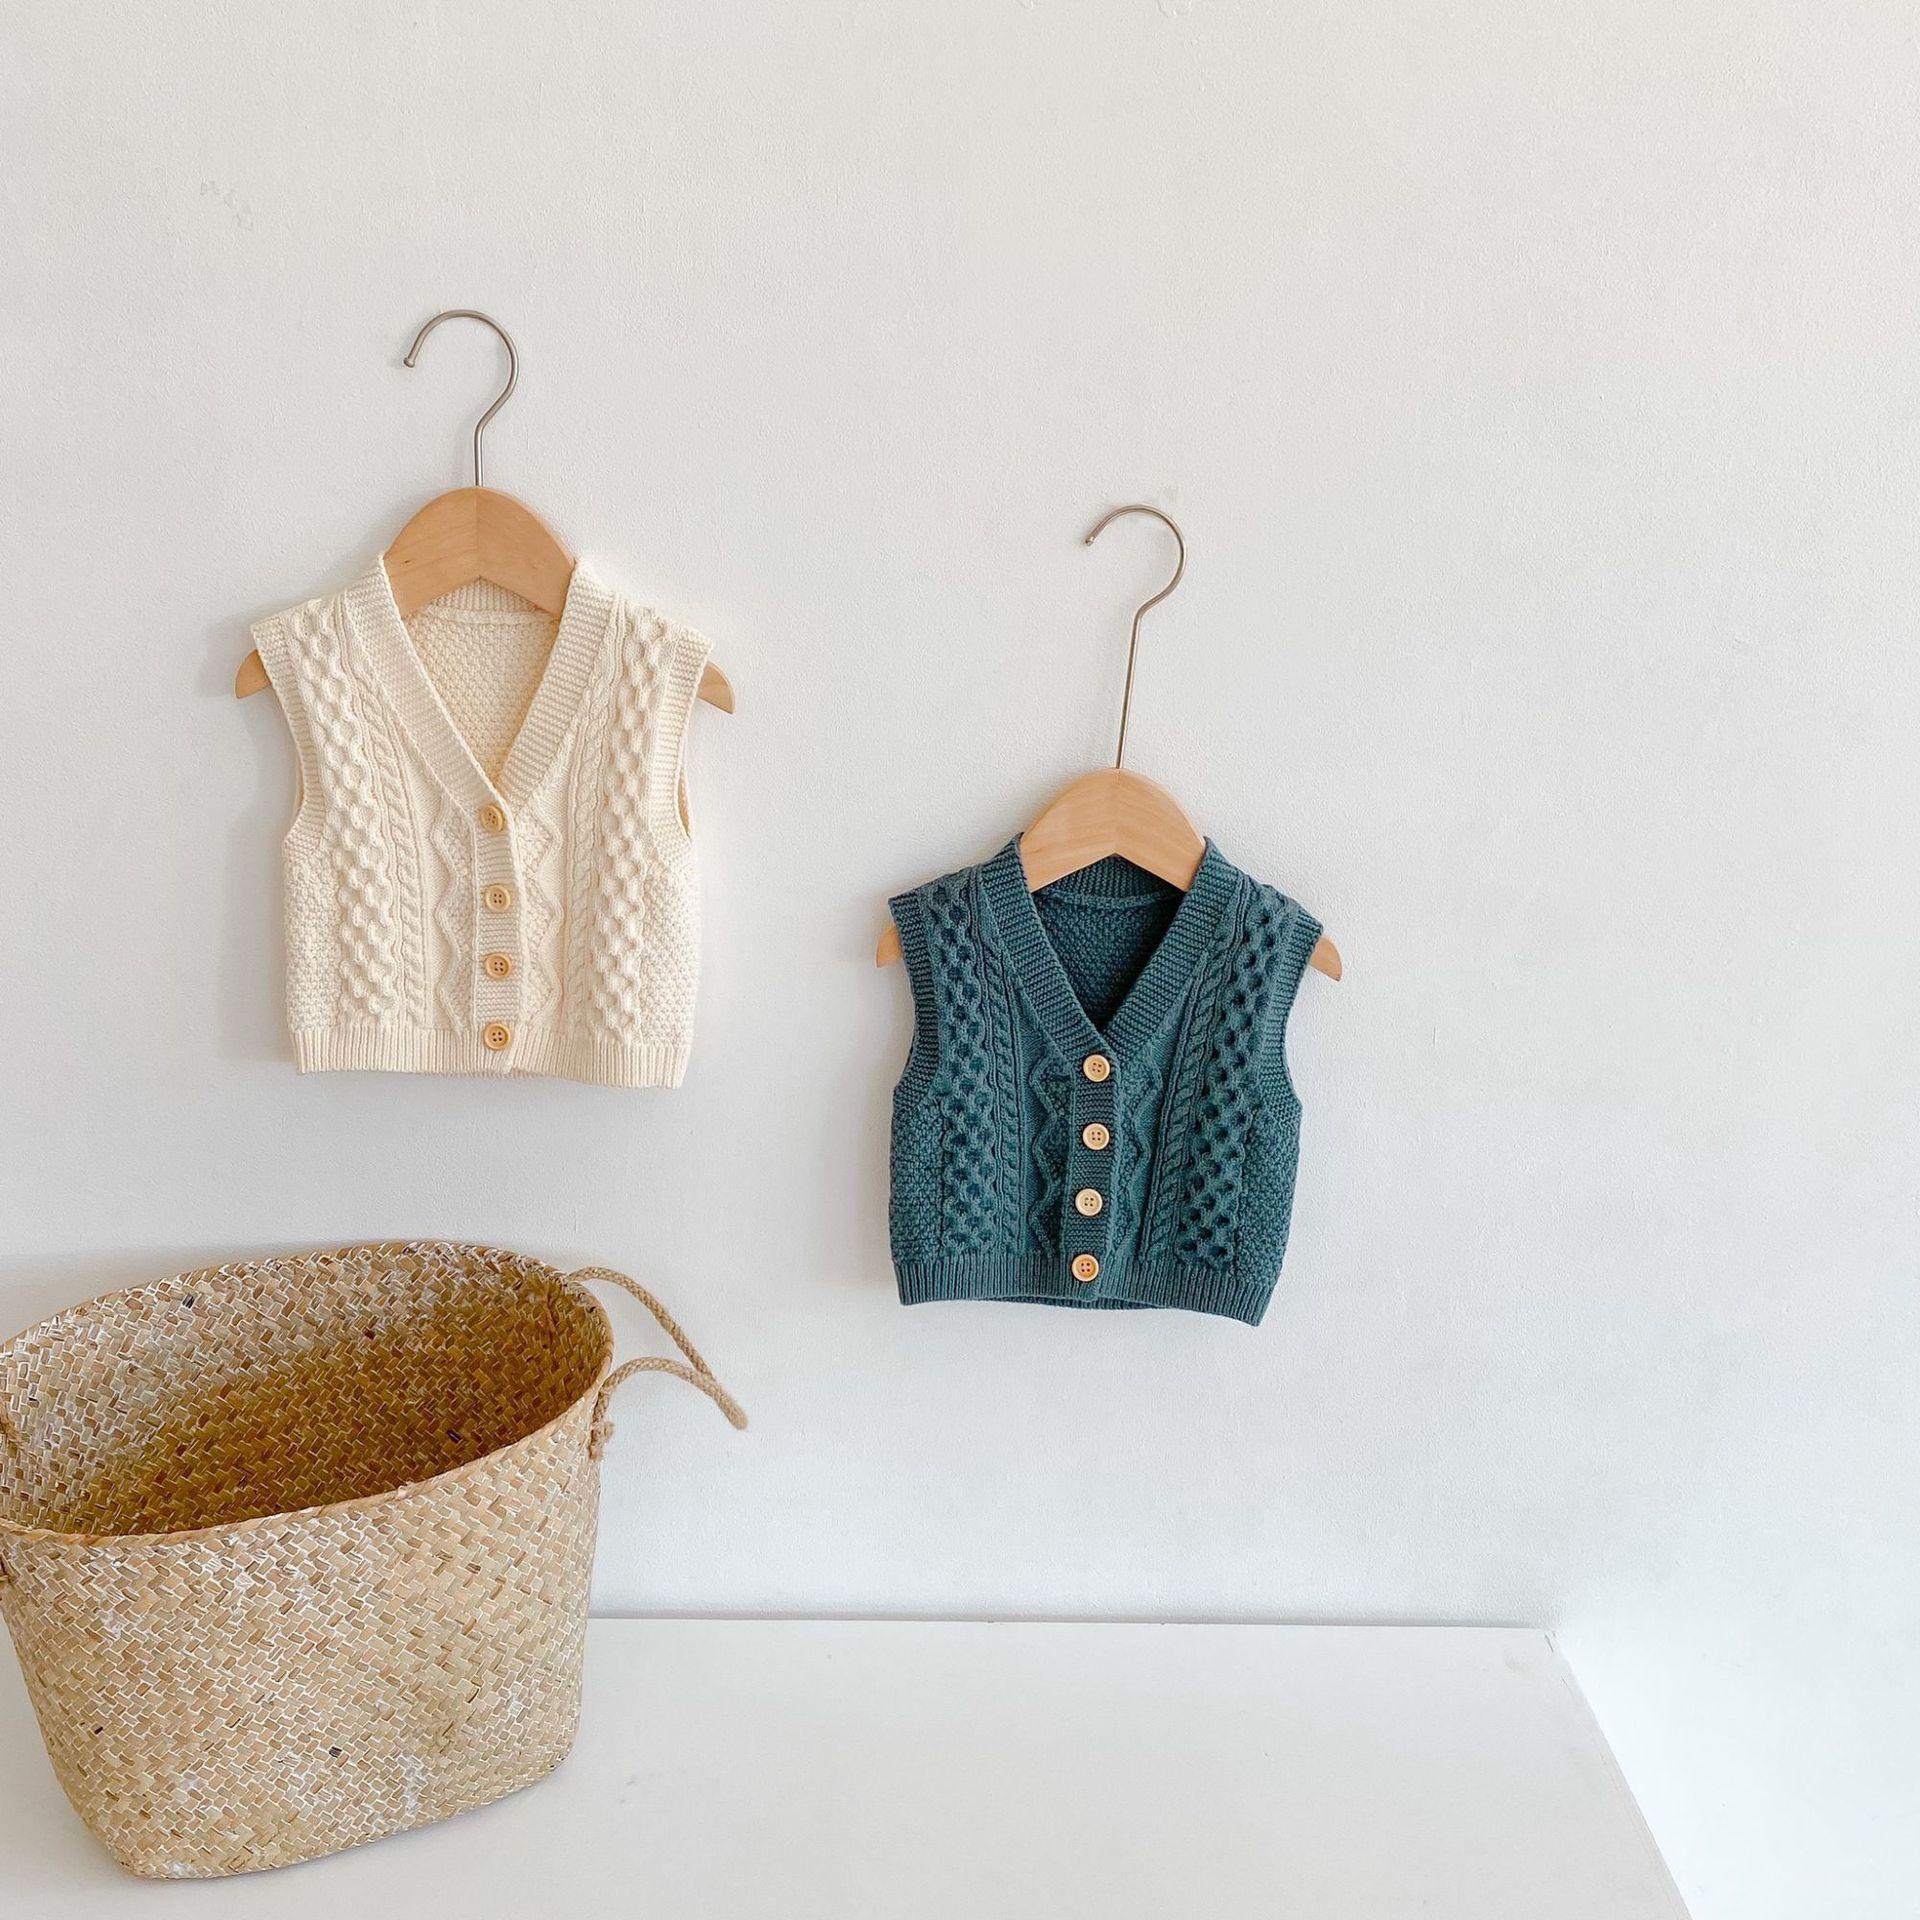 Ins bebê crianças camisola vestido colete v-pescoço de malha cor sólida cardigan suéter 100% algodão boutique menino menino primavera outono camisola